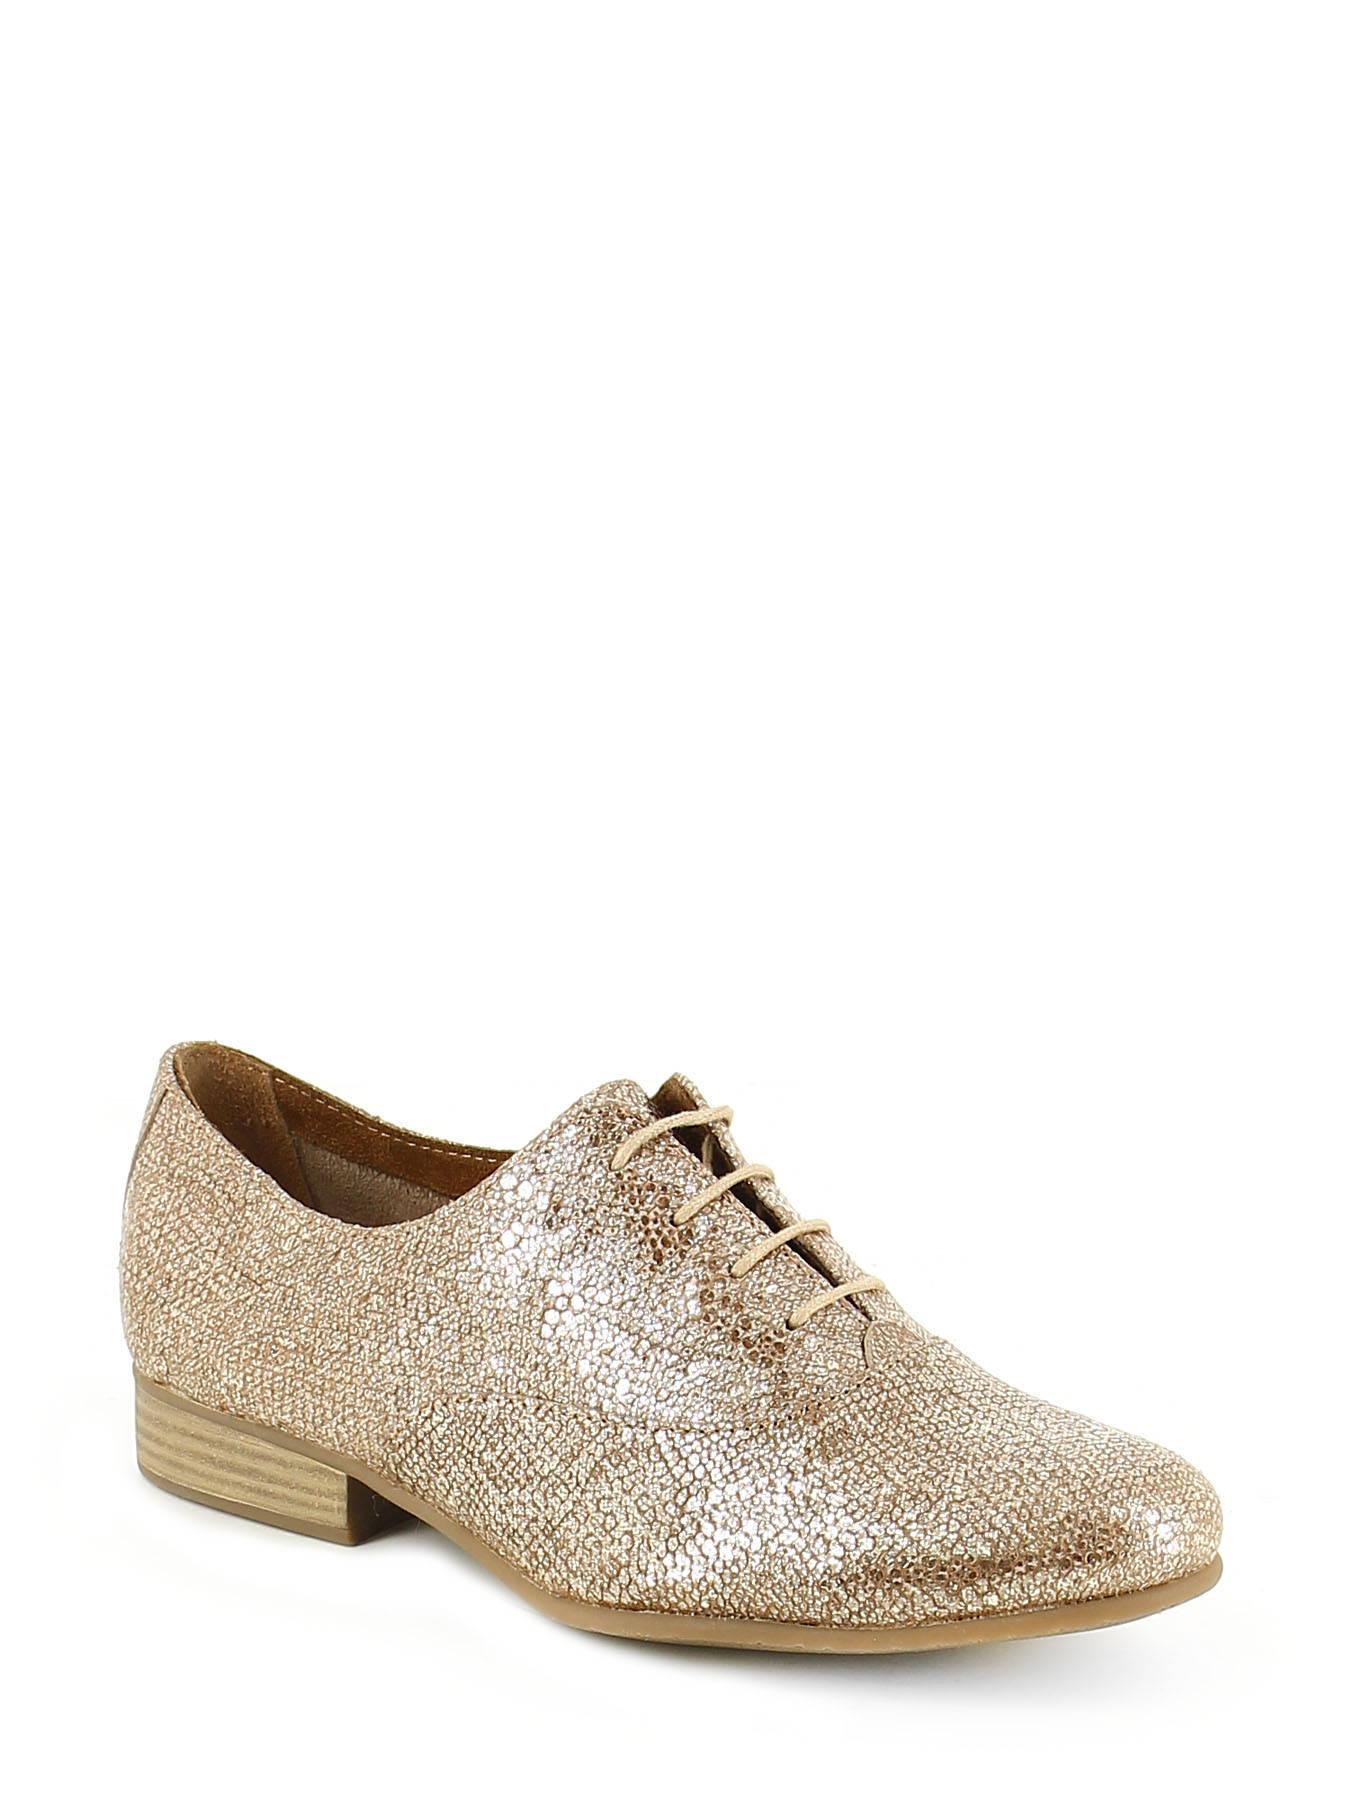 a669d630b3863 Chaussures à lacets TAMARIS